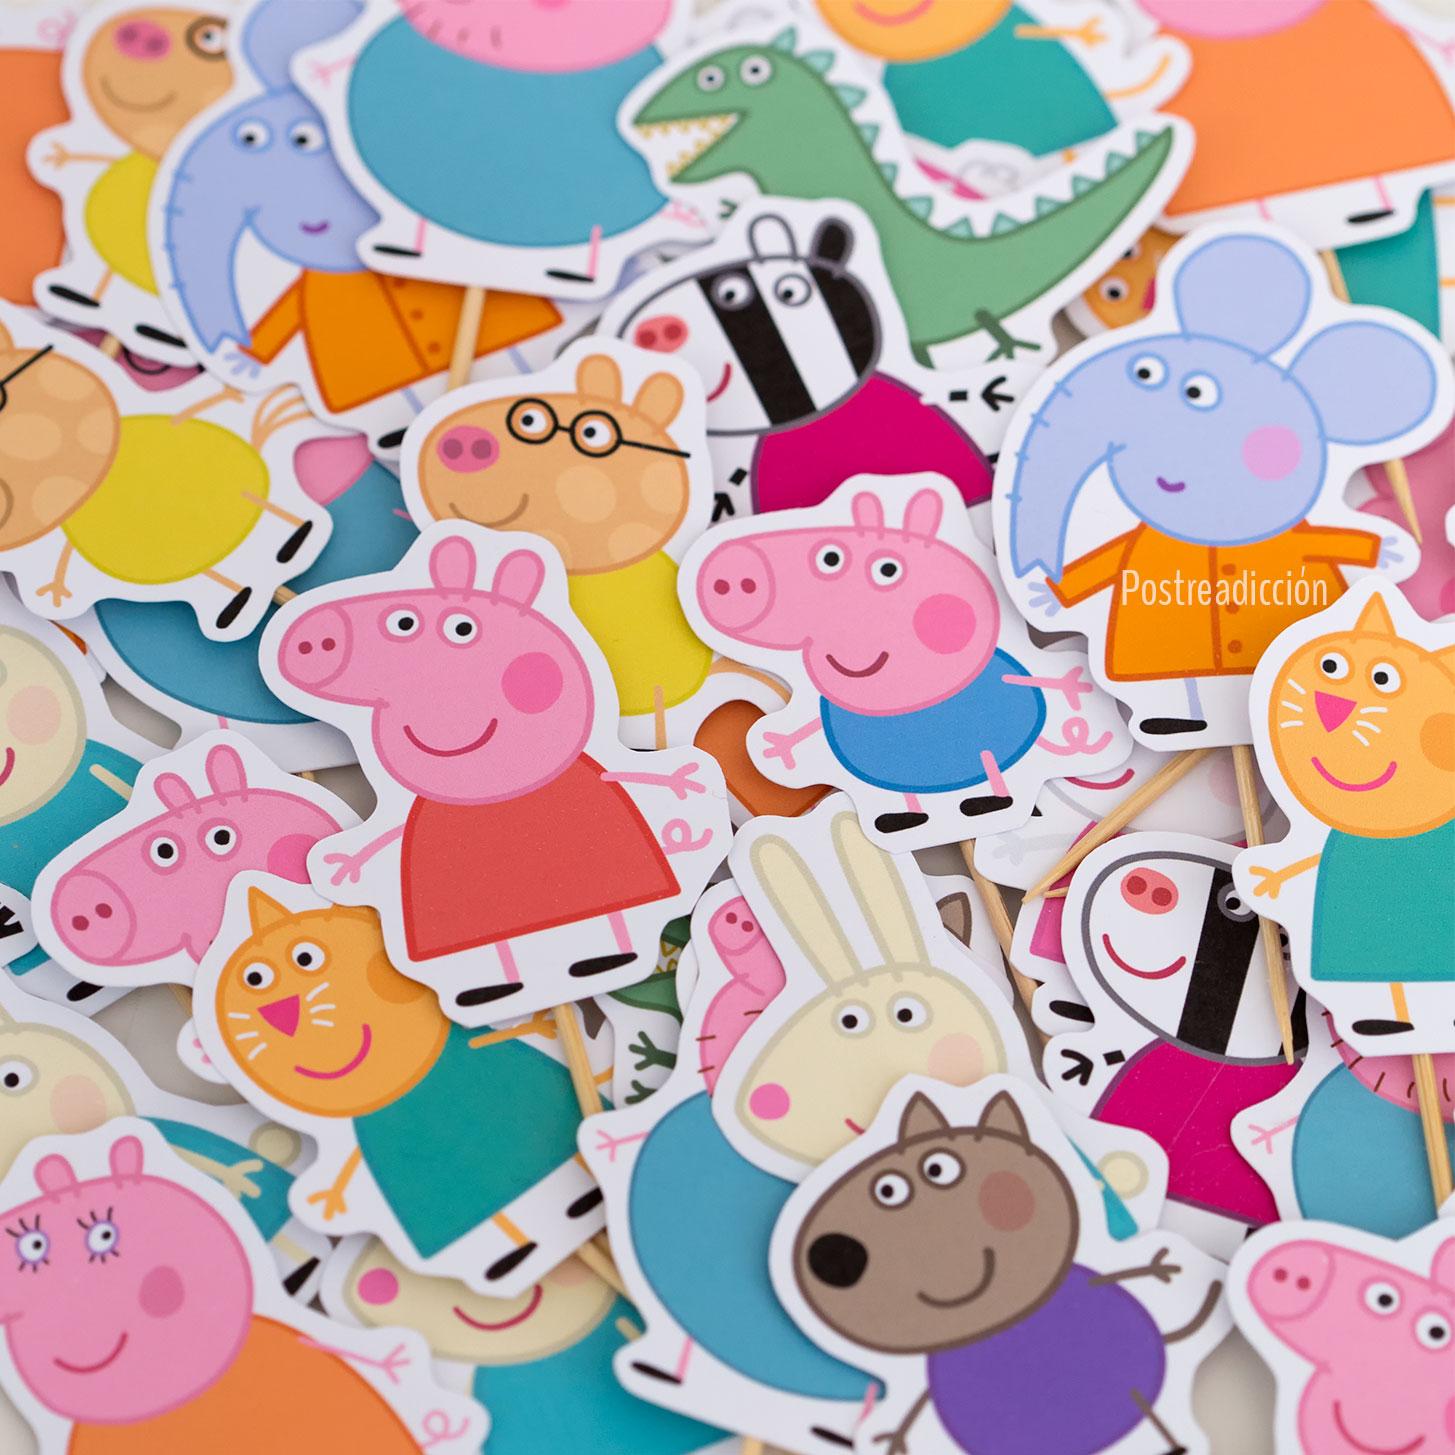 Imagen del producto: 12 toppers de Peppa Pig, familia y amigos